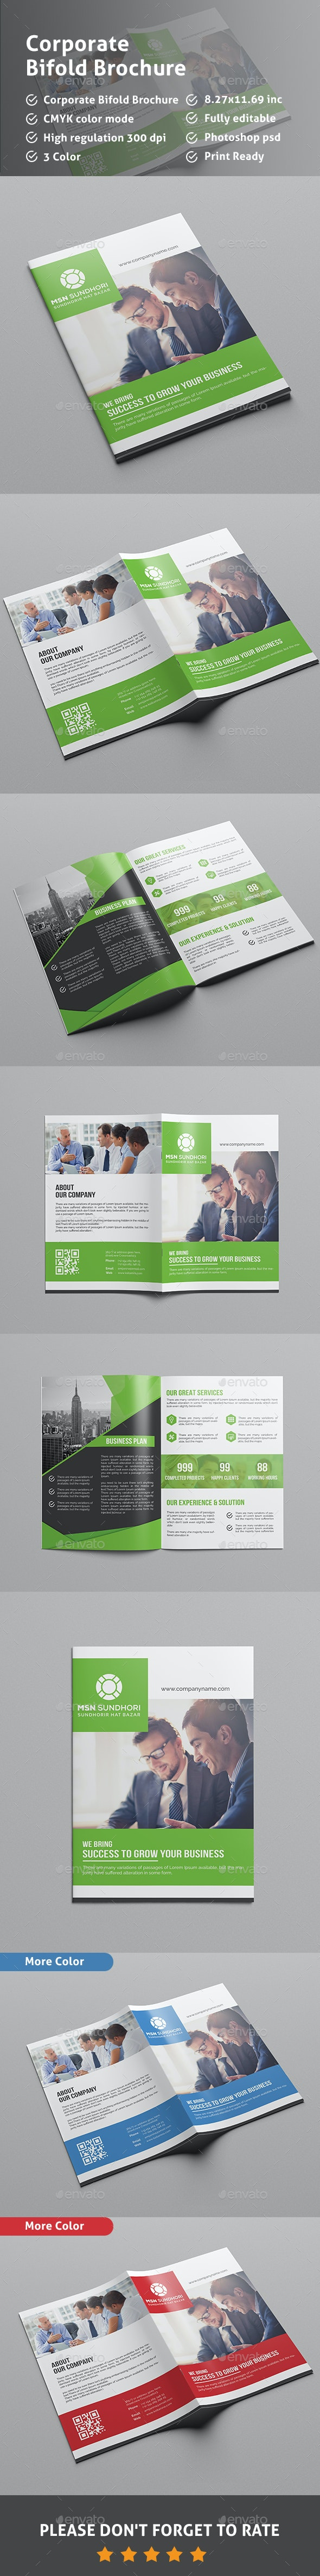 Bi Fold Brochure Template - Corporate Brochures